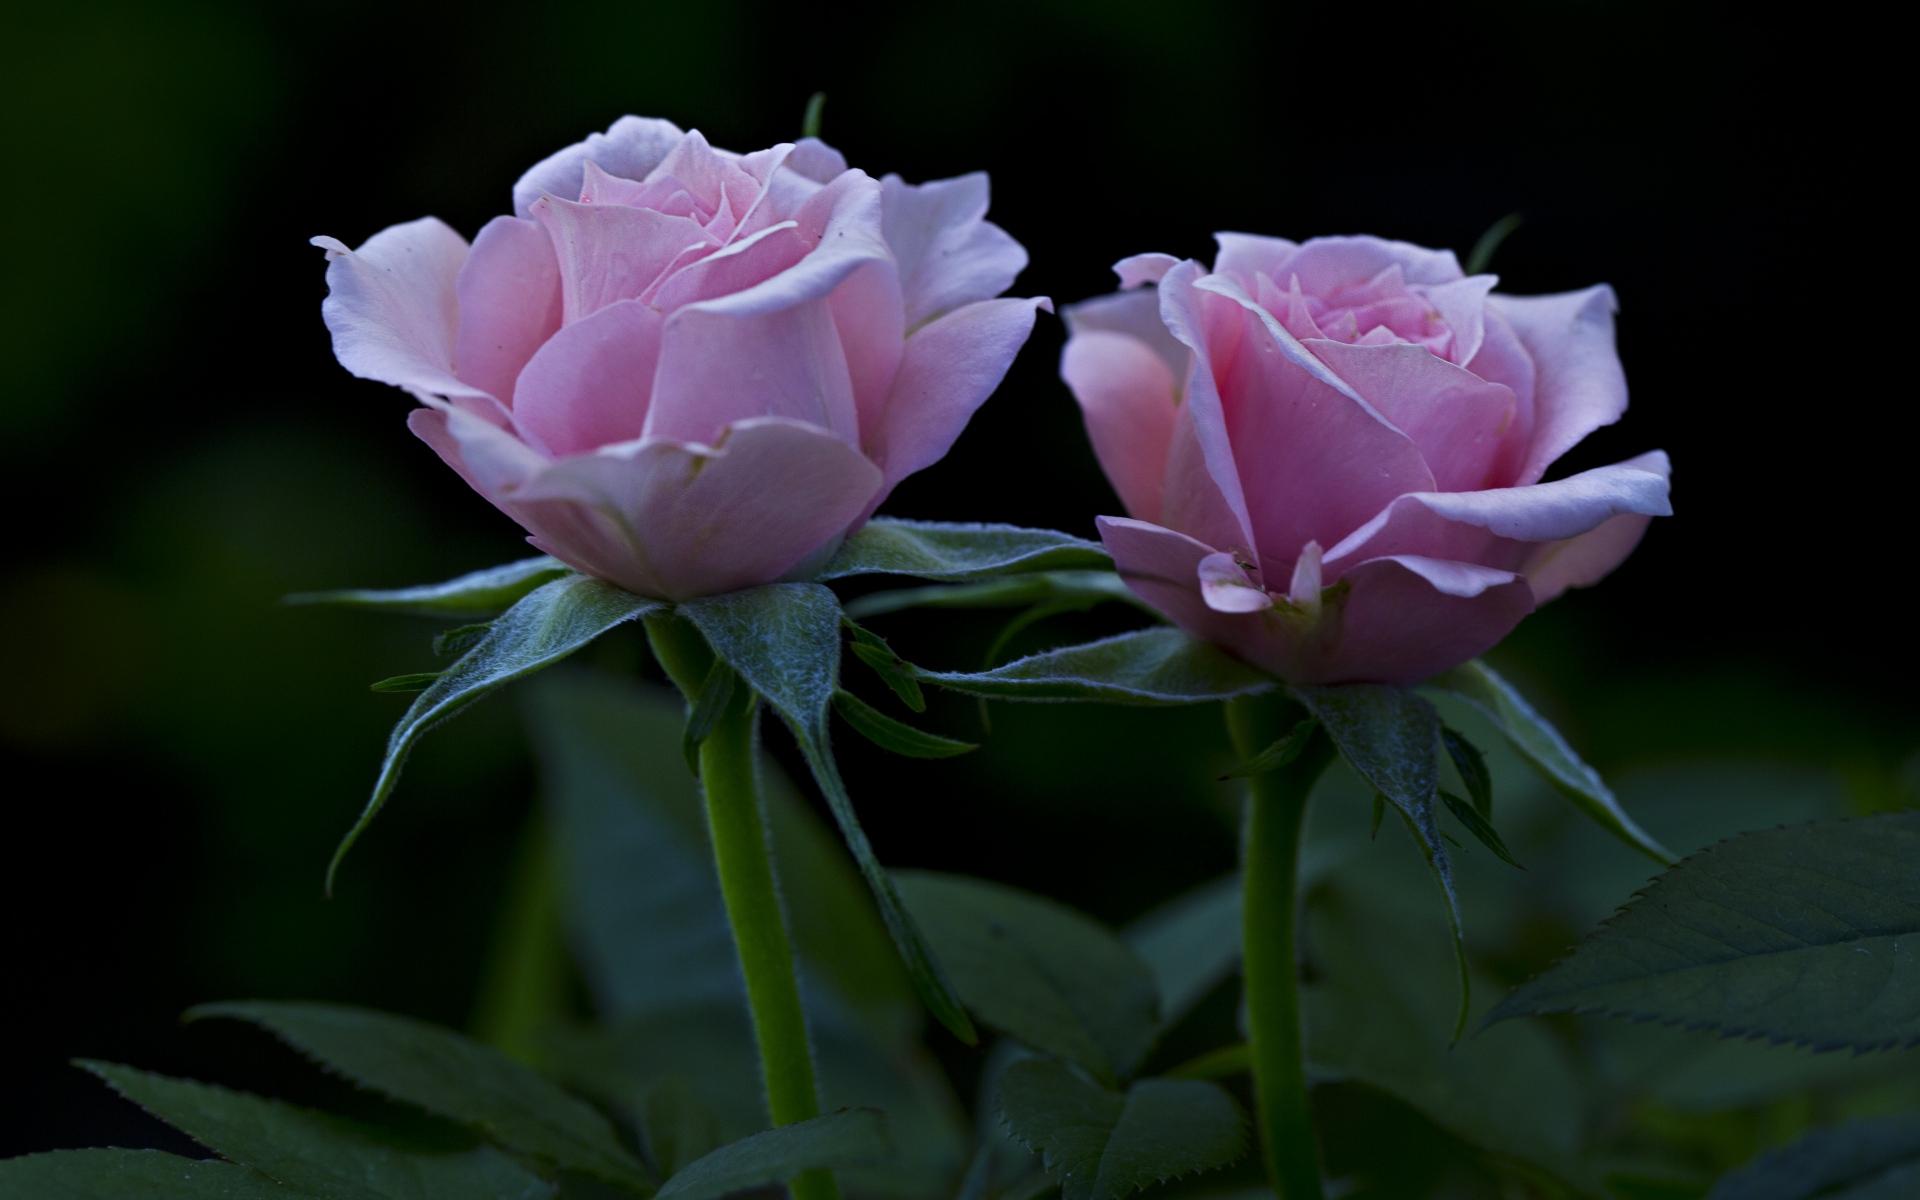 Картинки Розы, цветы, лепестки, бутоны фото и обои на рабочий стол